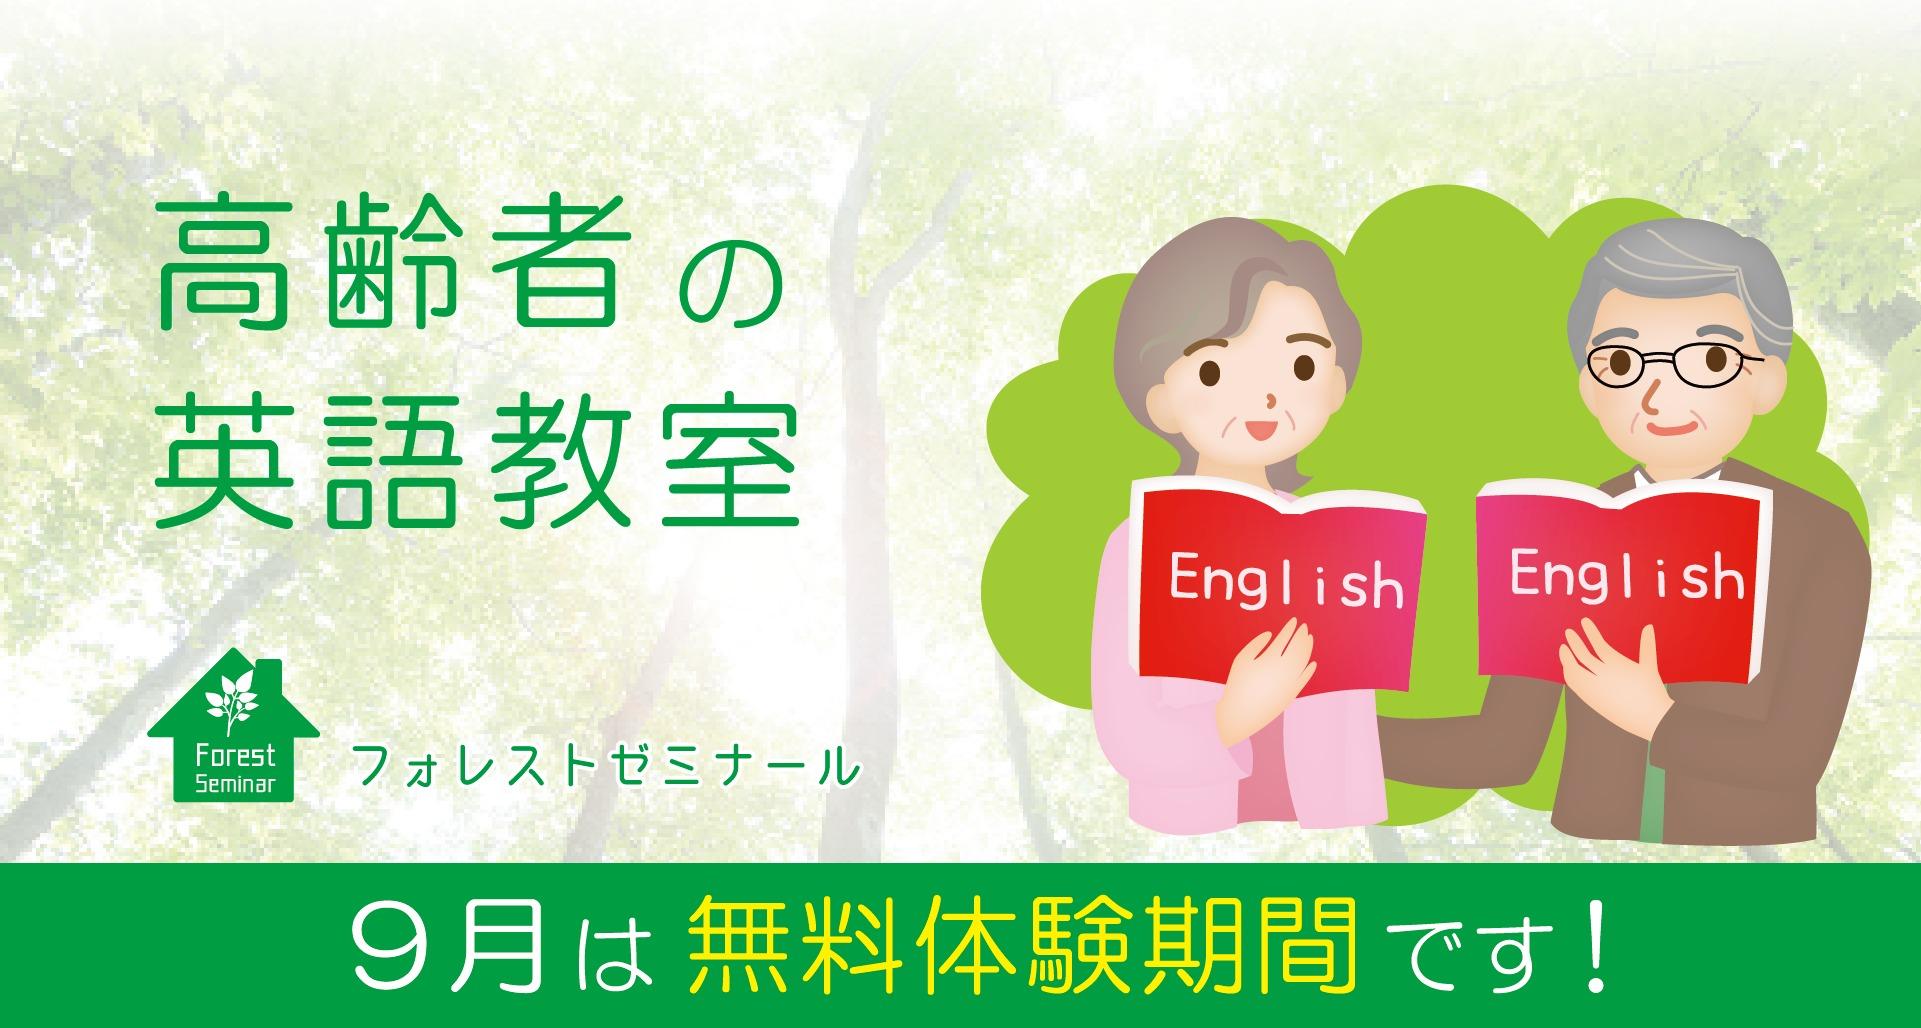 フォレストゼミナール9月 高齢者の英語教室無料体験